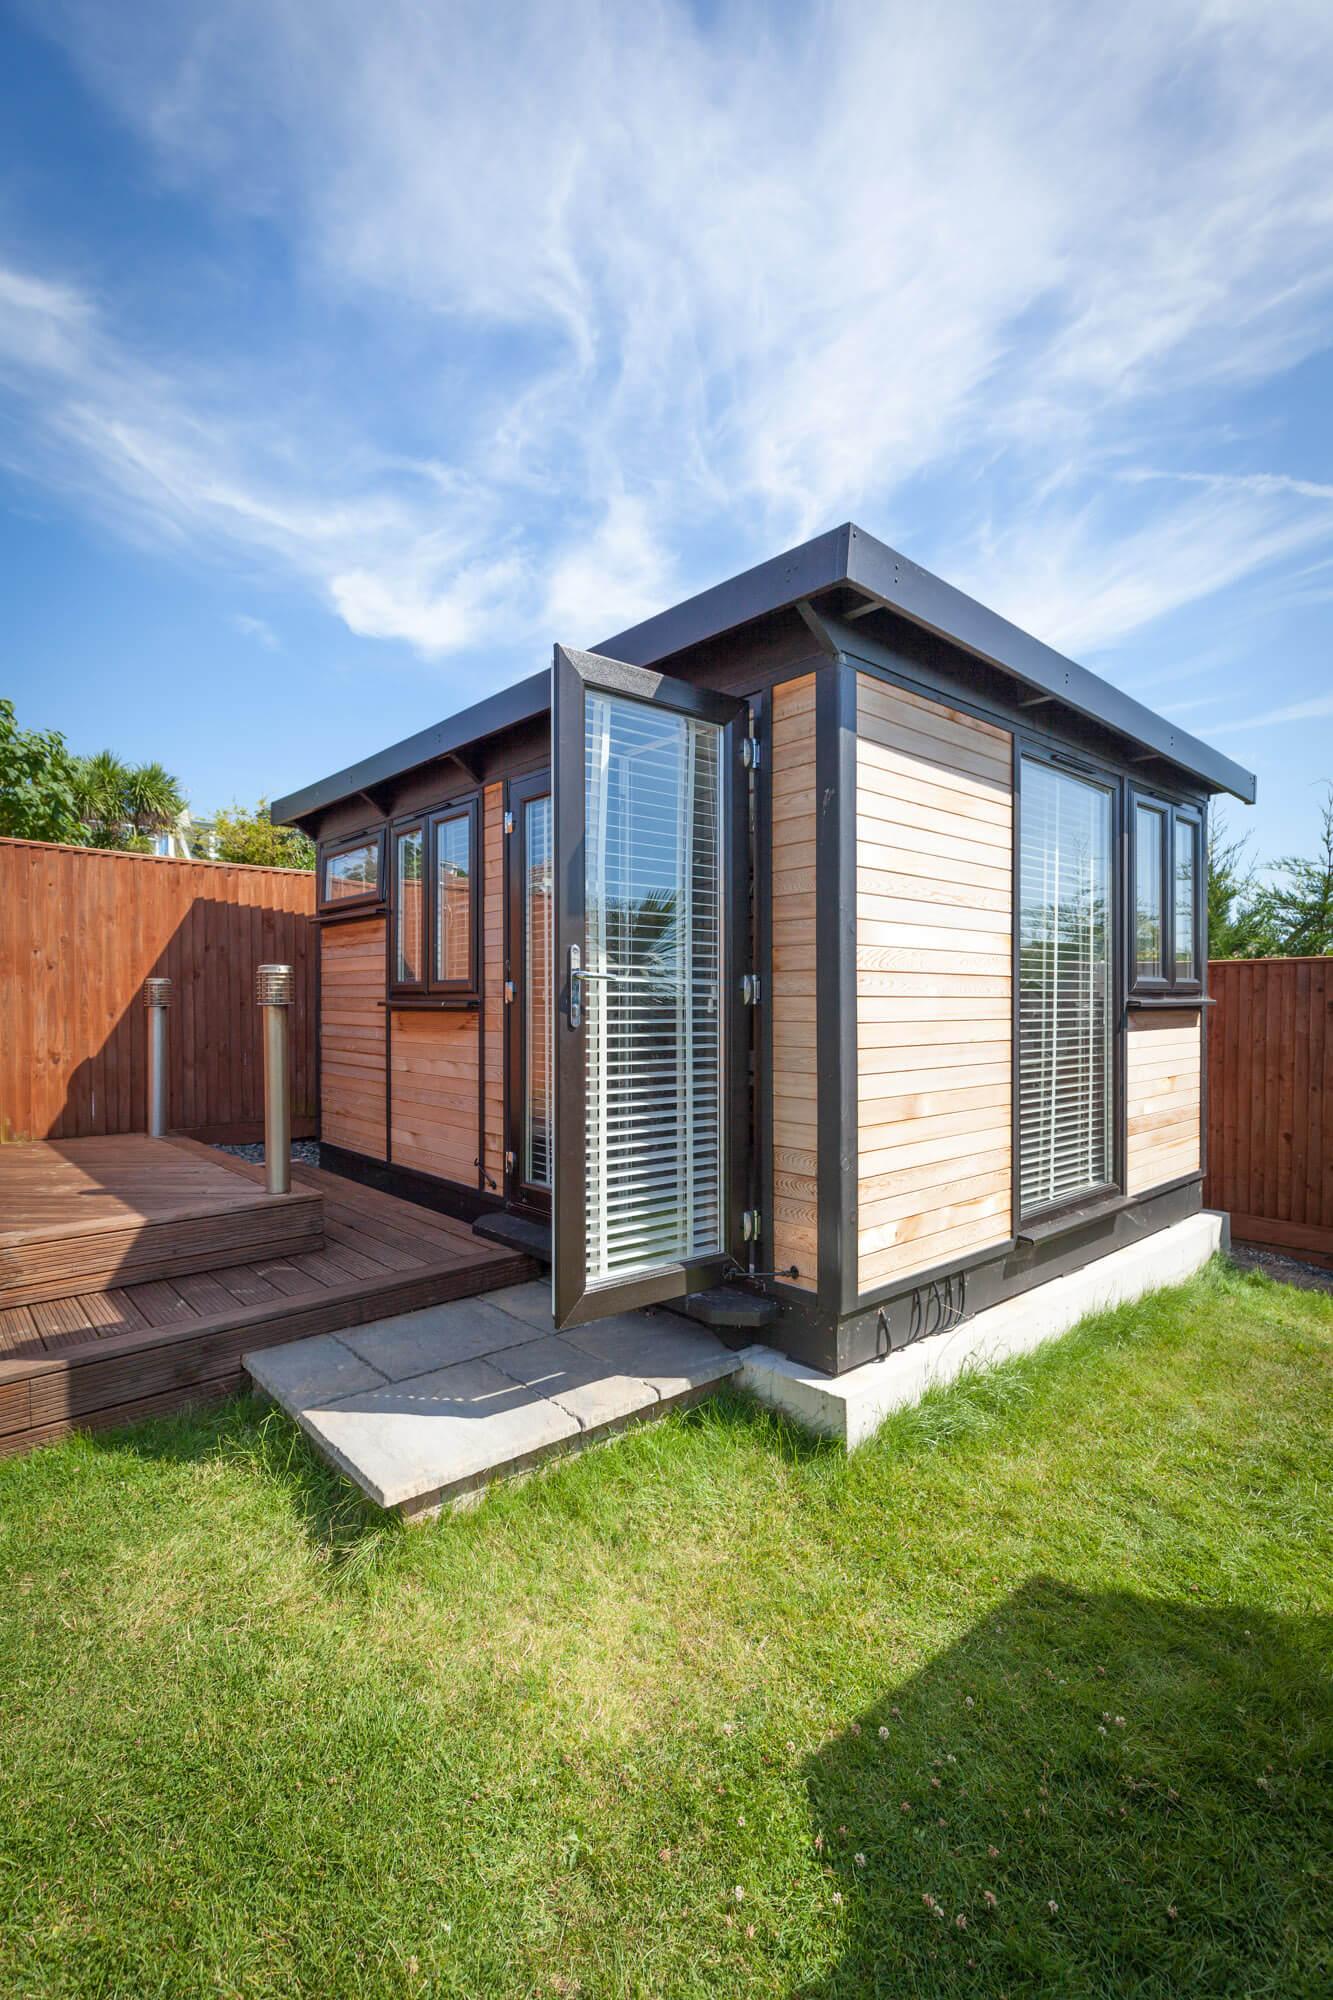 Garden Office Prices Garden Studio Office Cost Smart